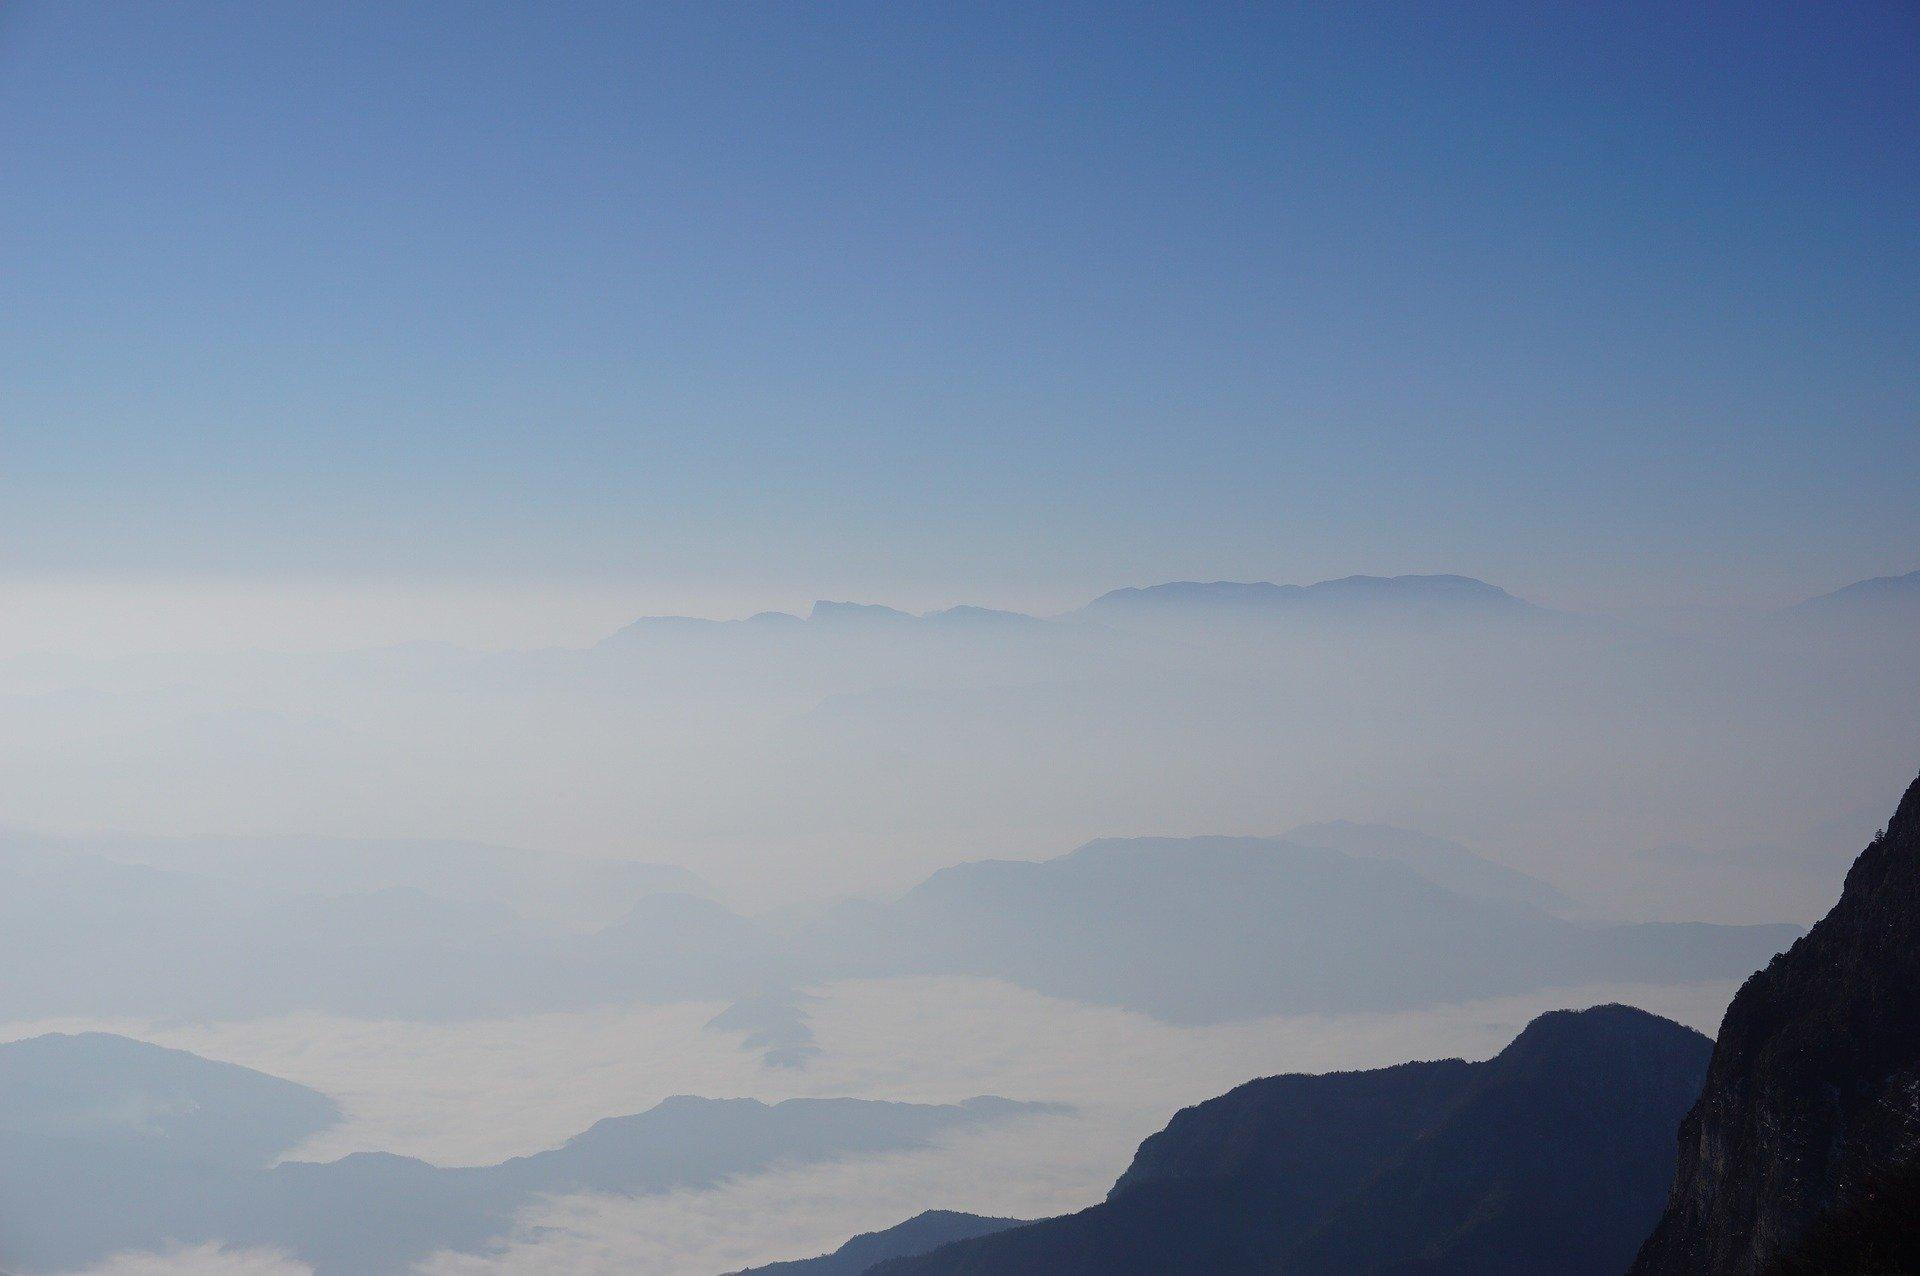 emei-mountain-1127005_1920